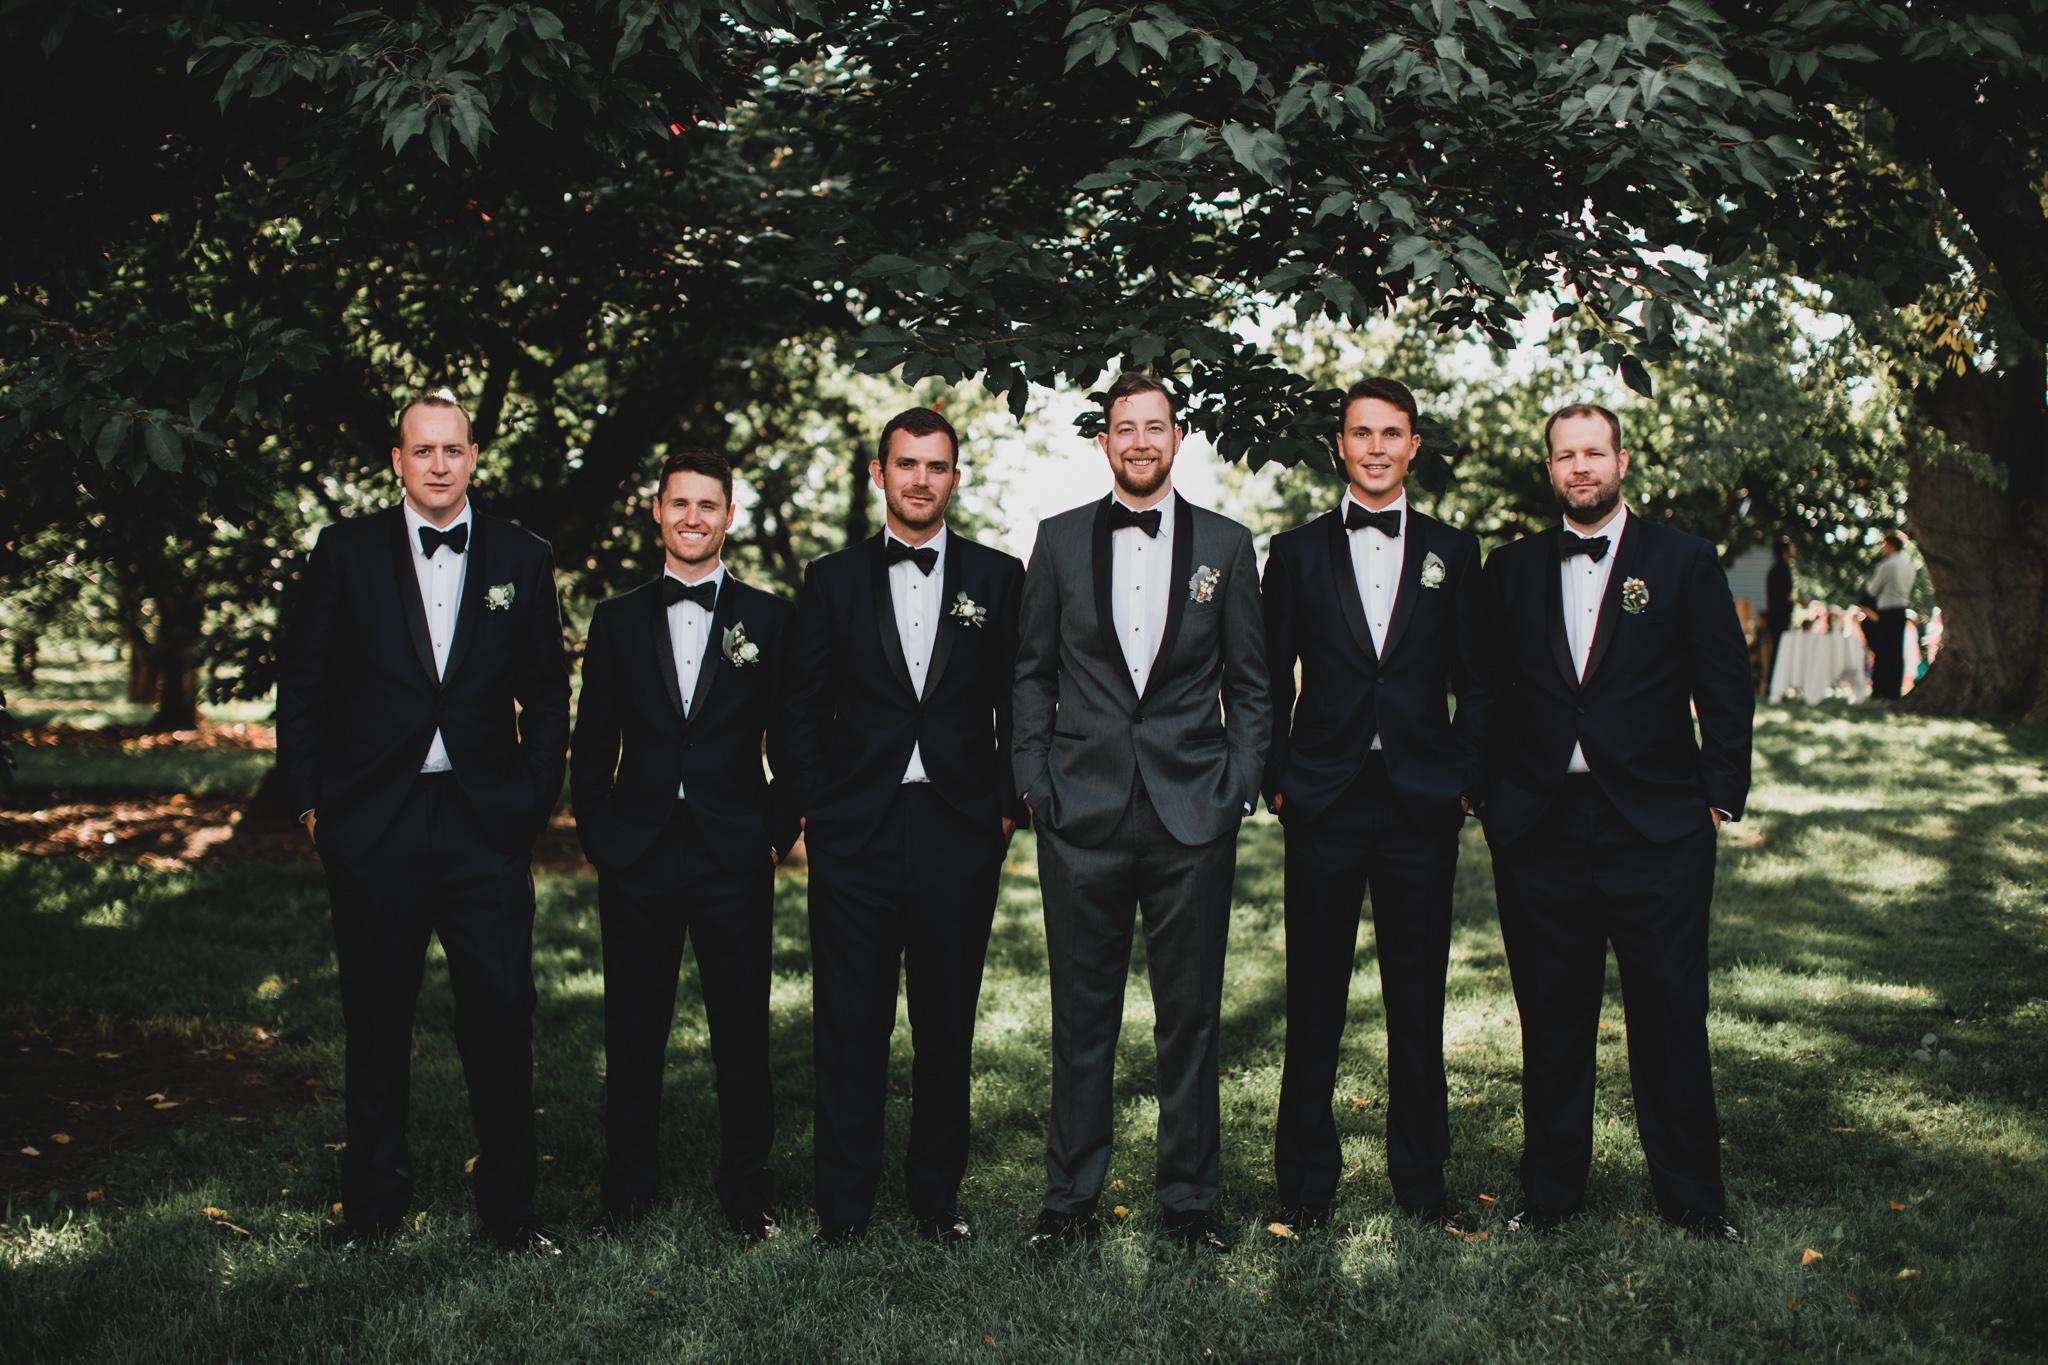 Groomsmen outfits, black tuxedos